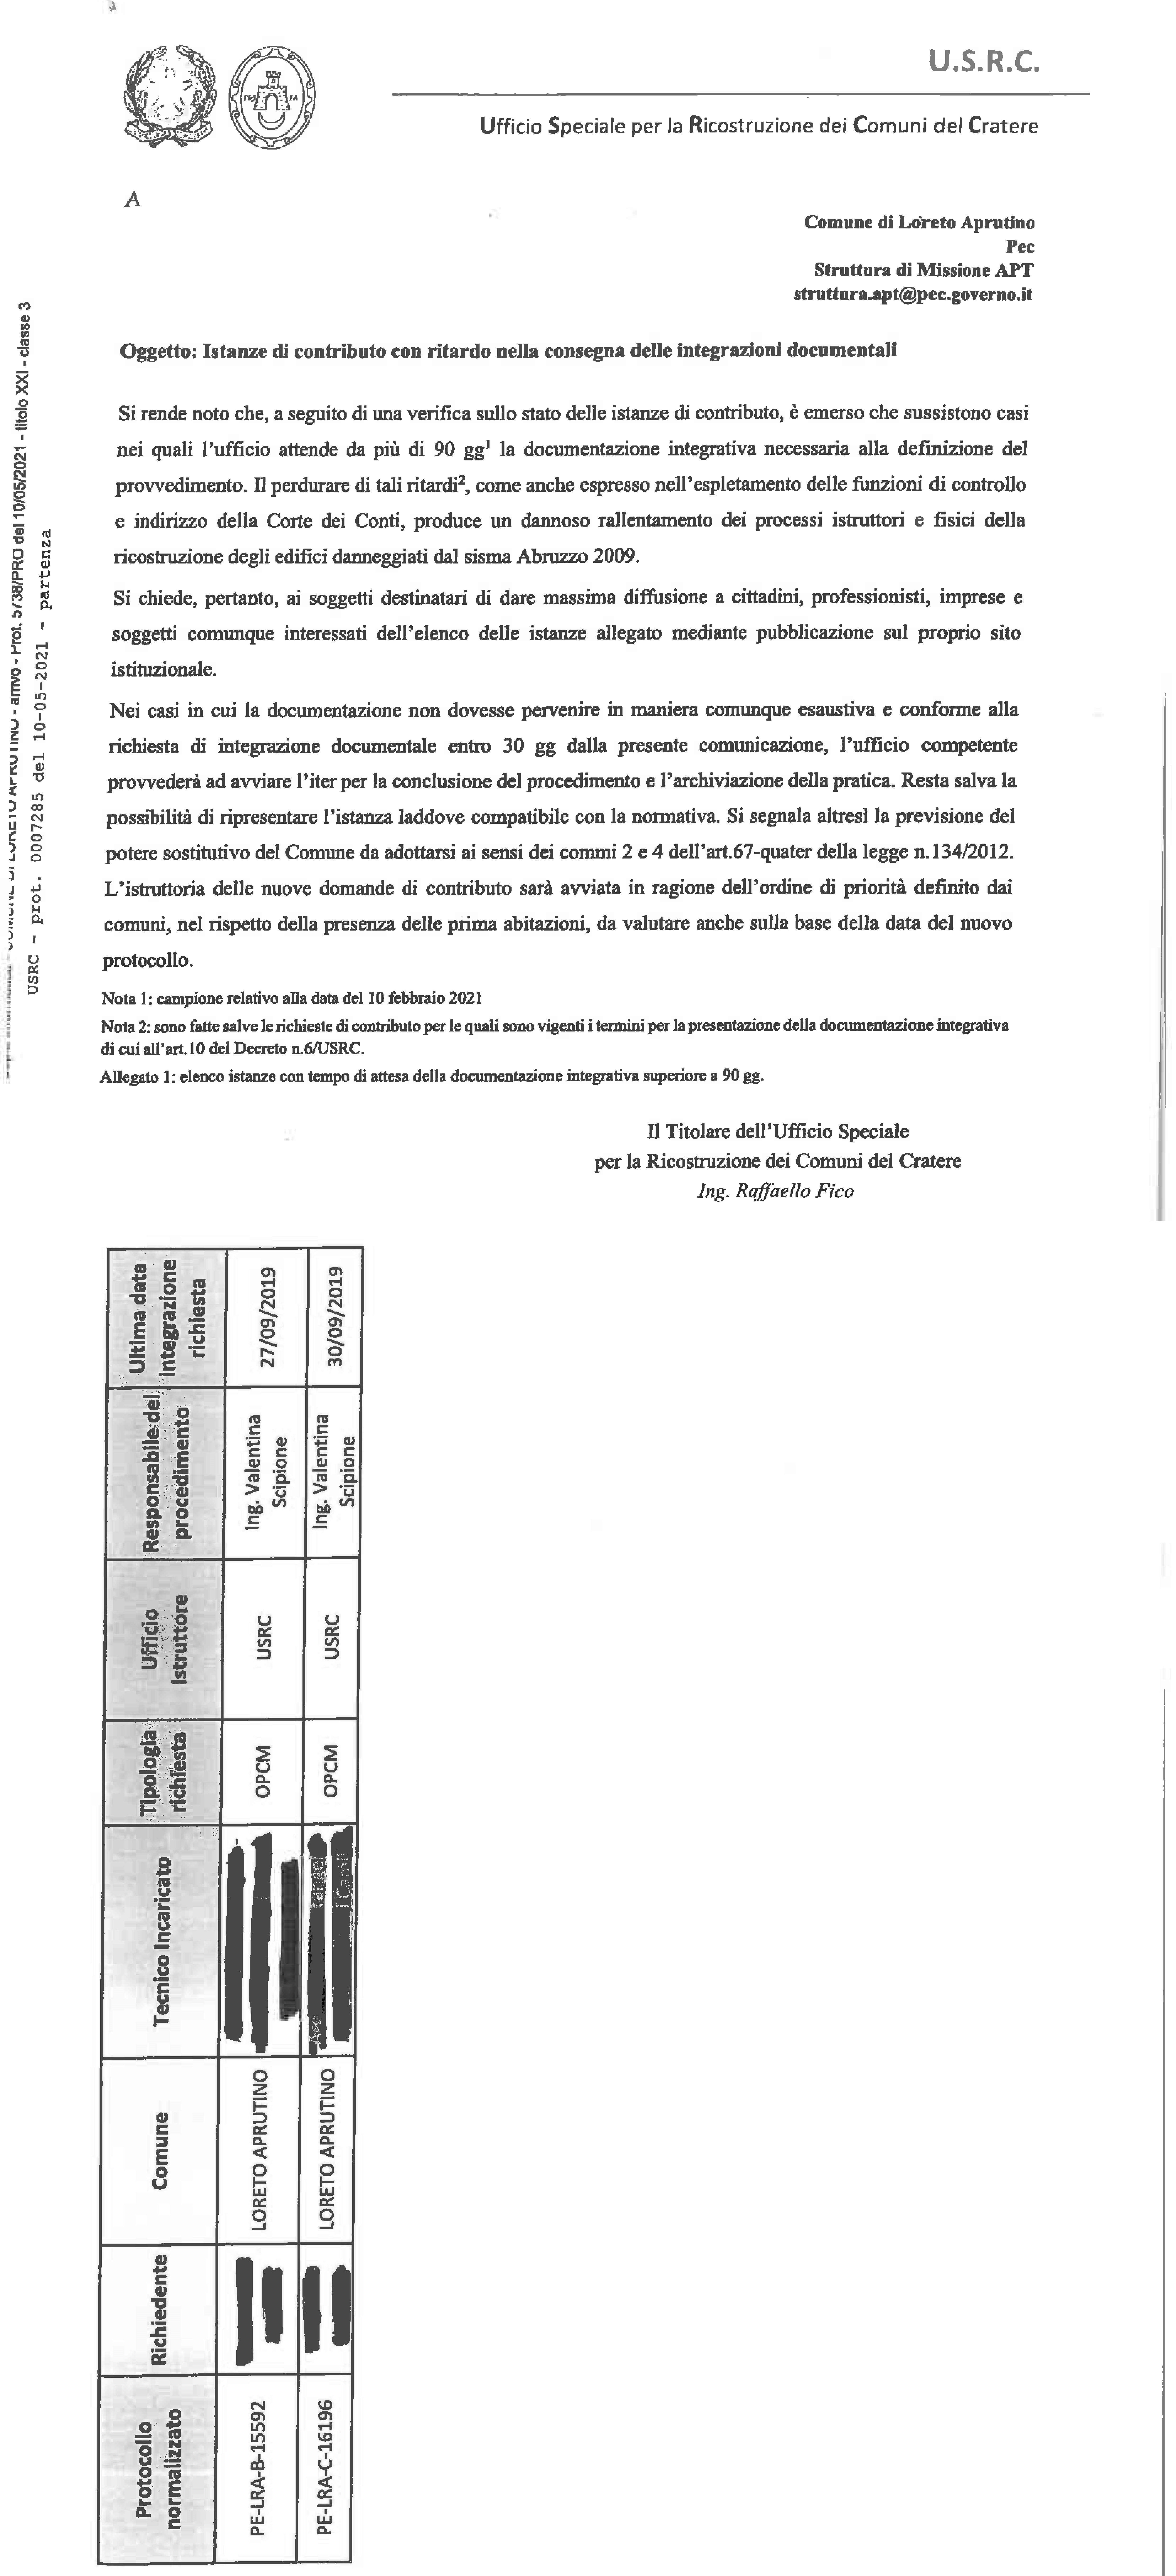 Sisma Abruzzo 2009 - Istanze di contributo con ritardo nella consegna delle integrazioni documentali